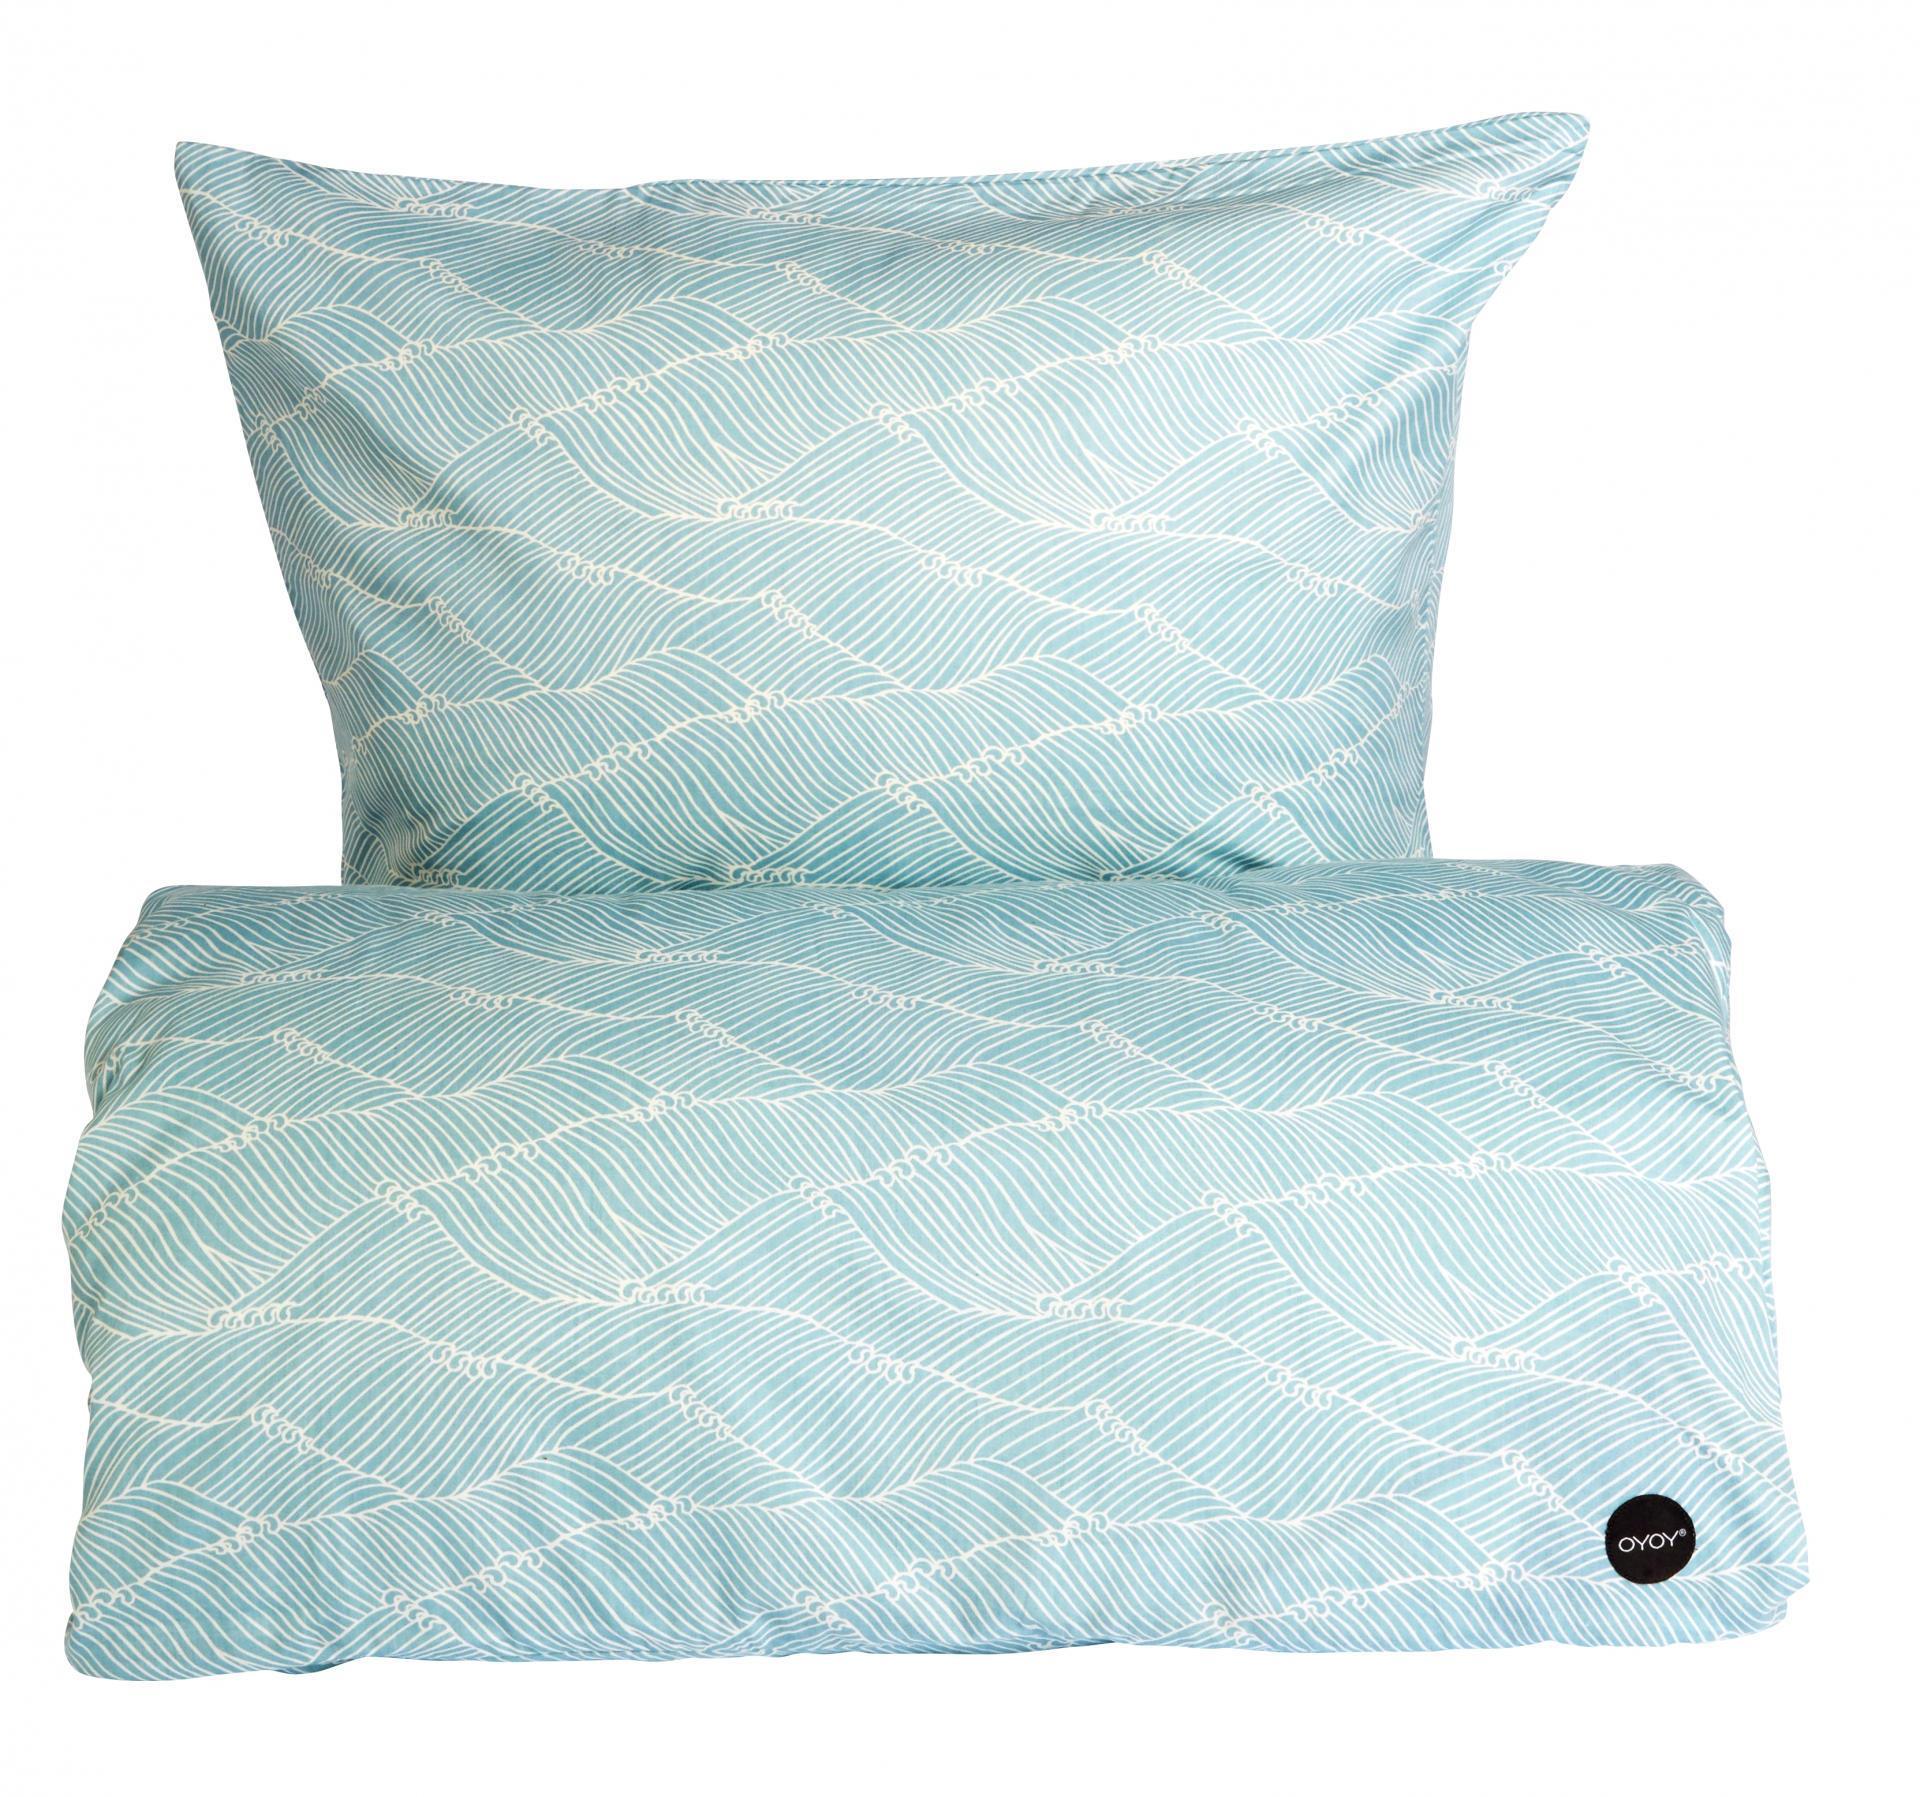 OYOY Povlečení na jednolůžko PoiPoi Dusty aqua 140x200 cm, modrá barva, textil